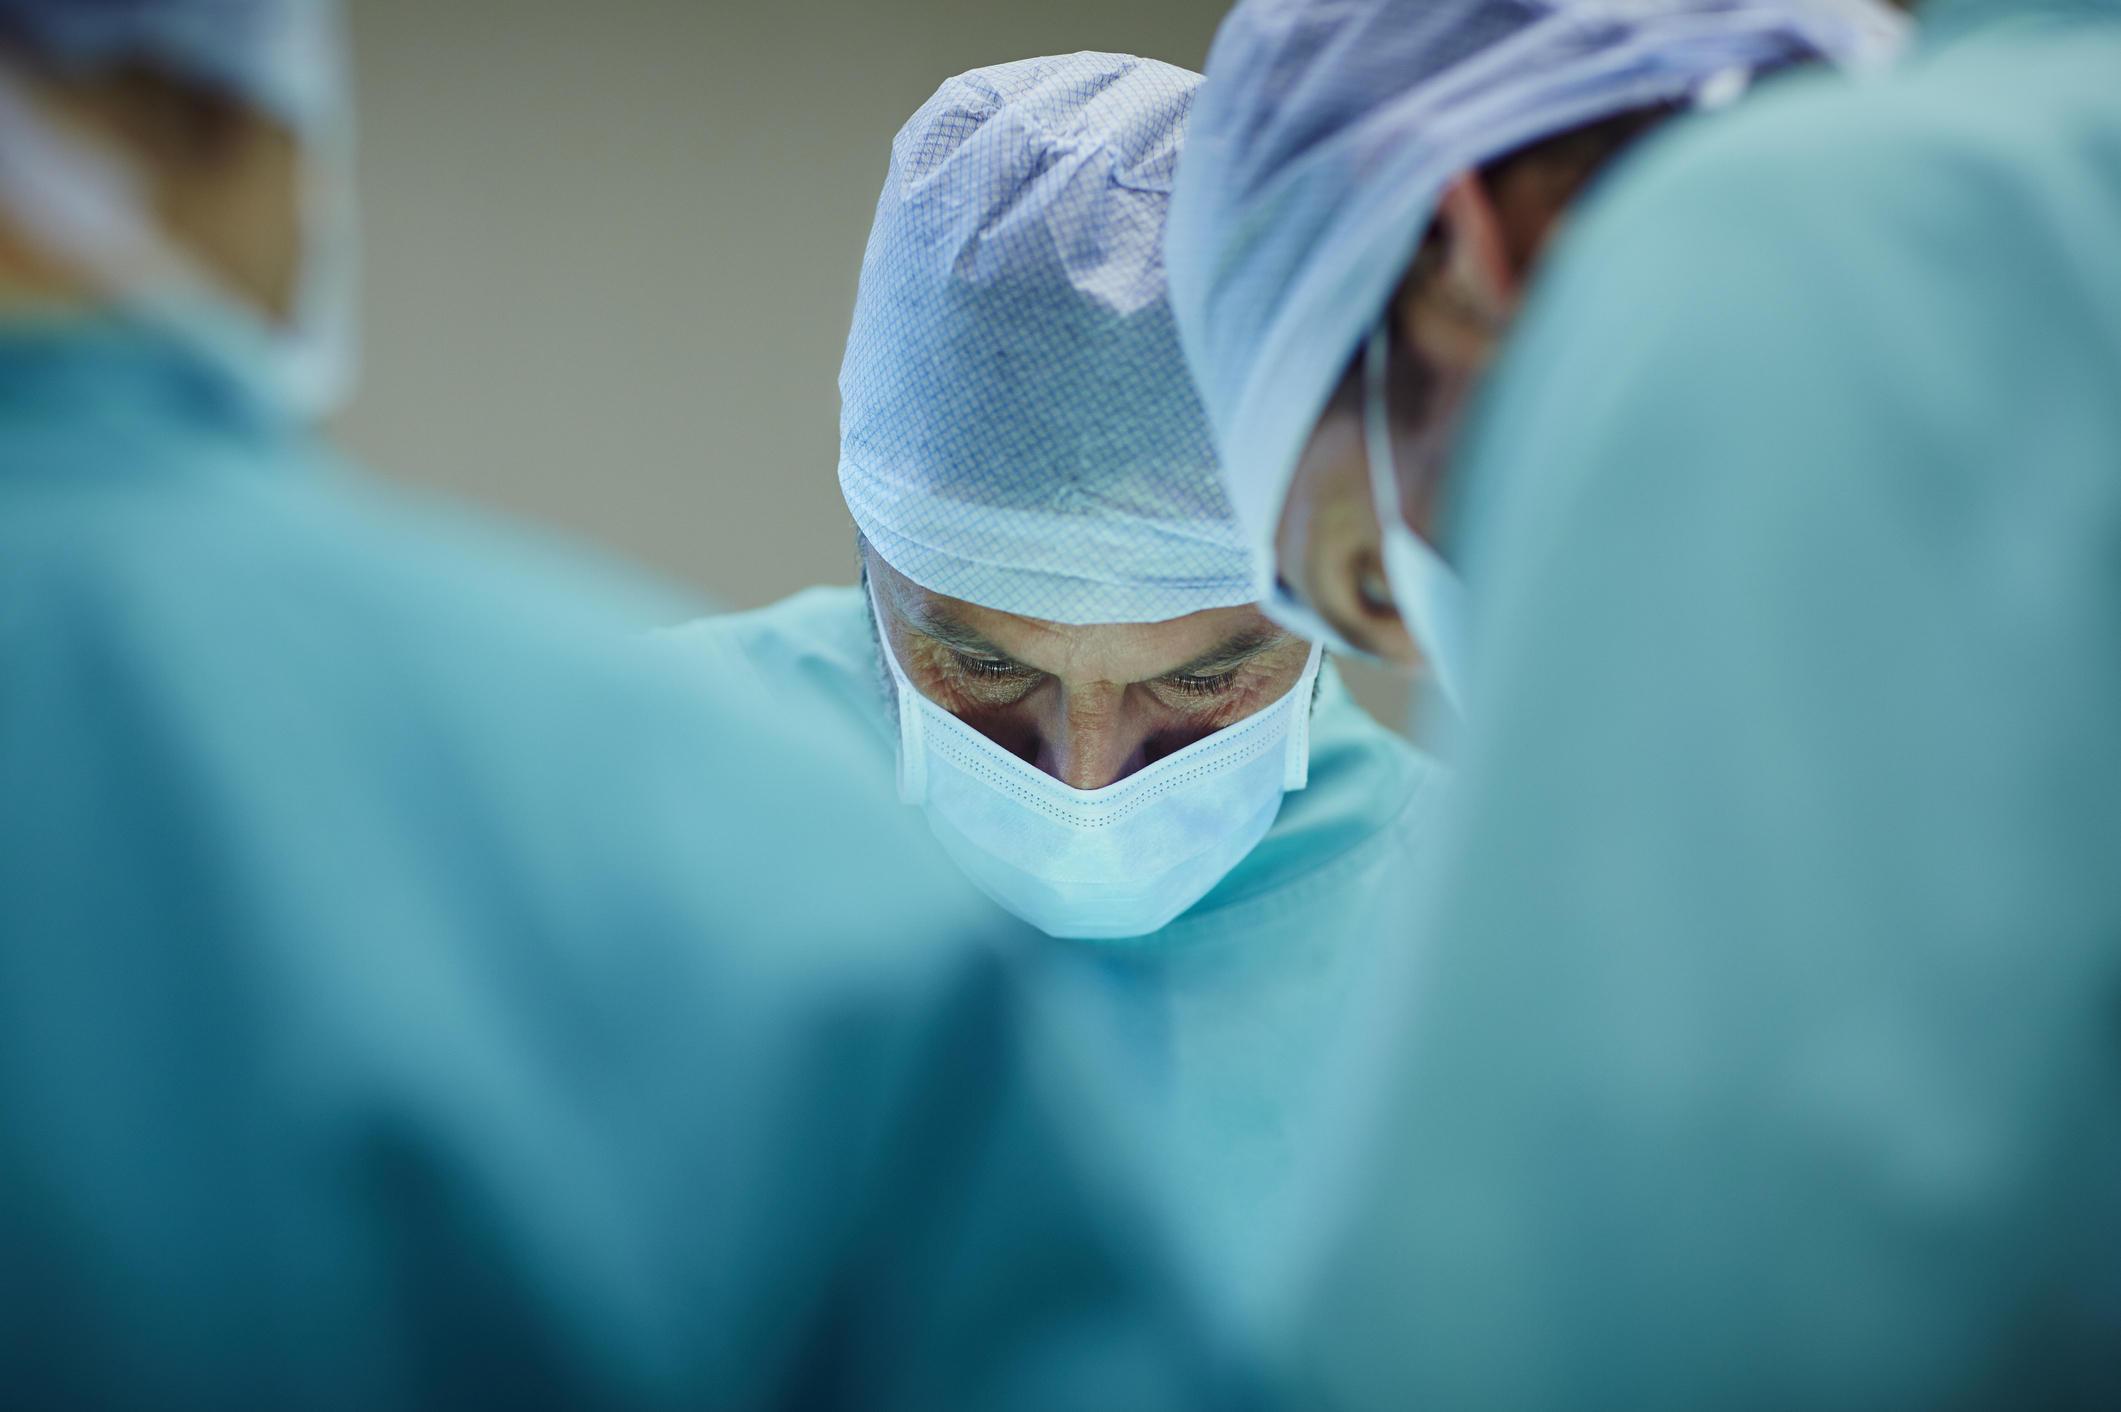 Lipoaspiração: mitos e verdades sobre a cirurgia plástica